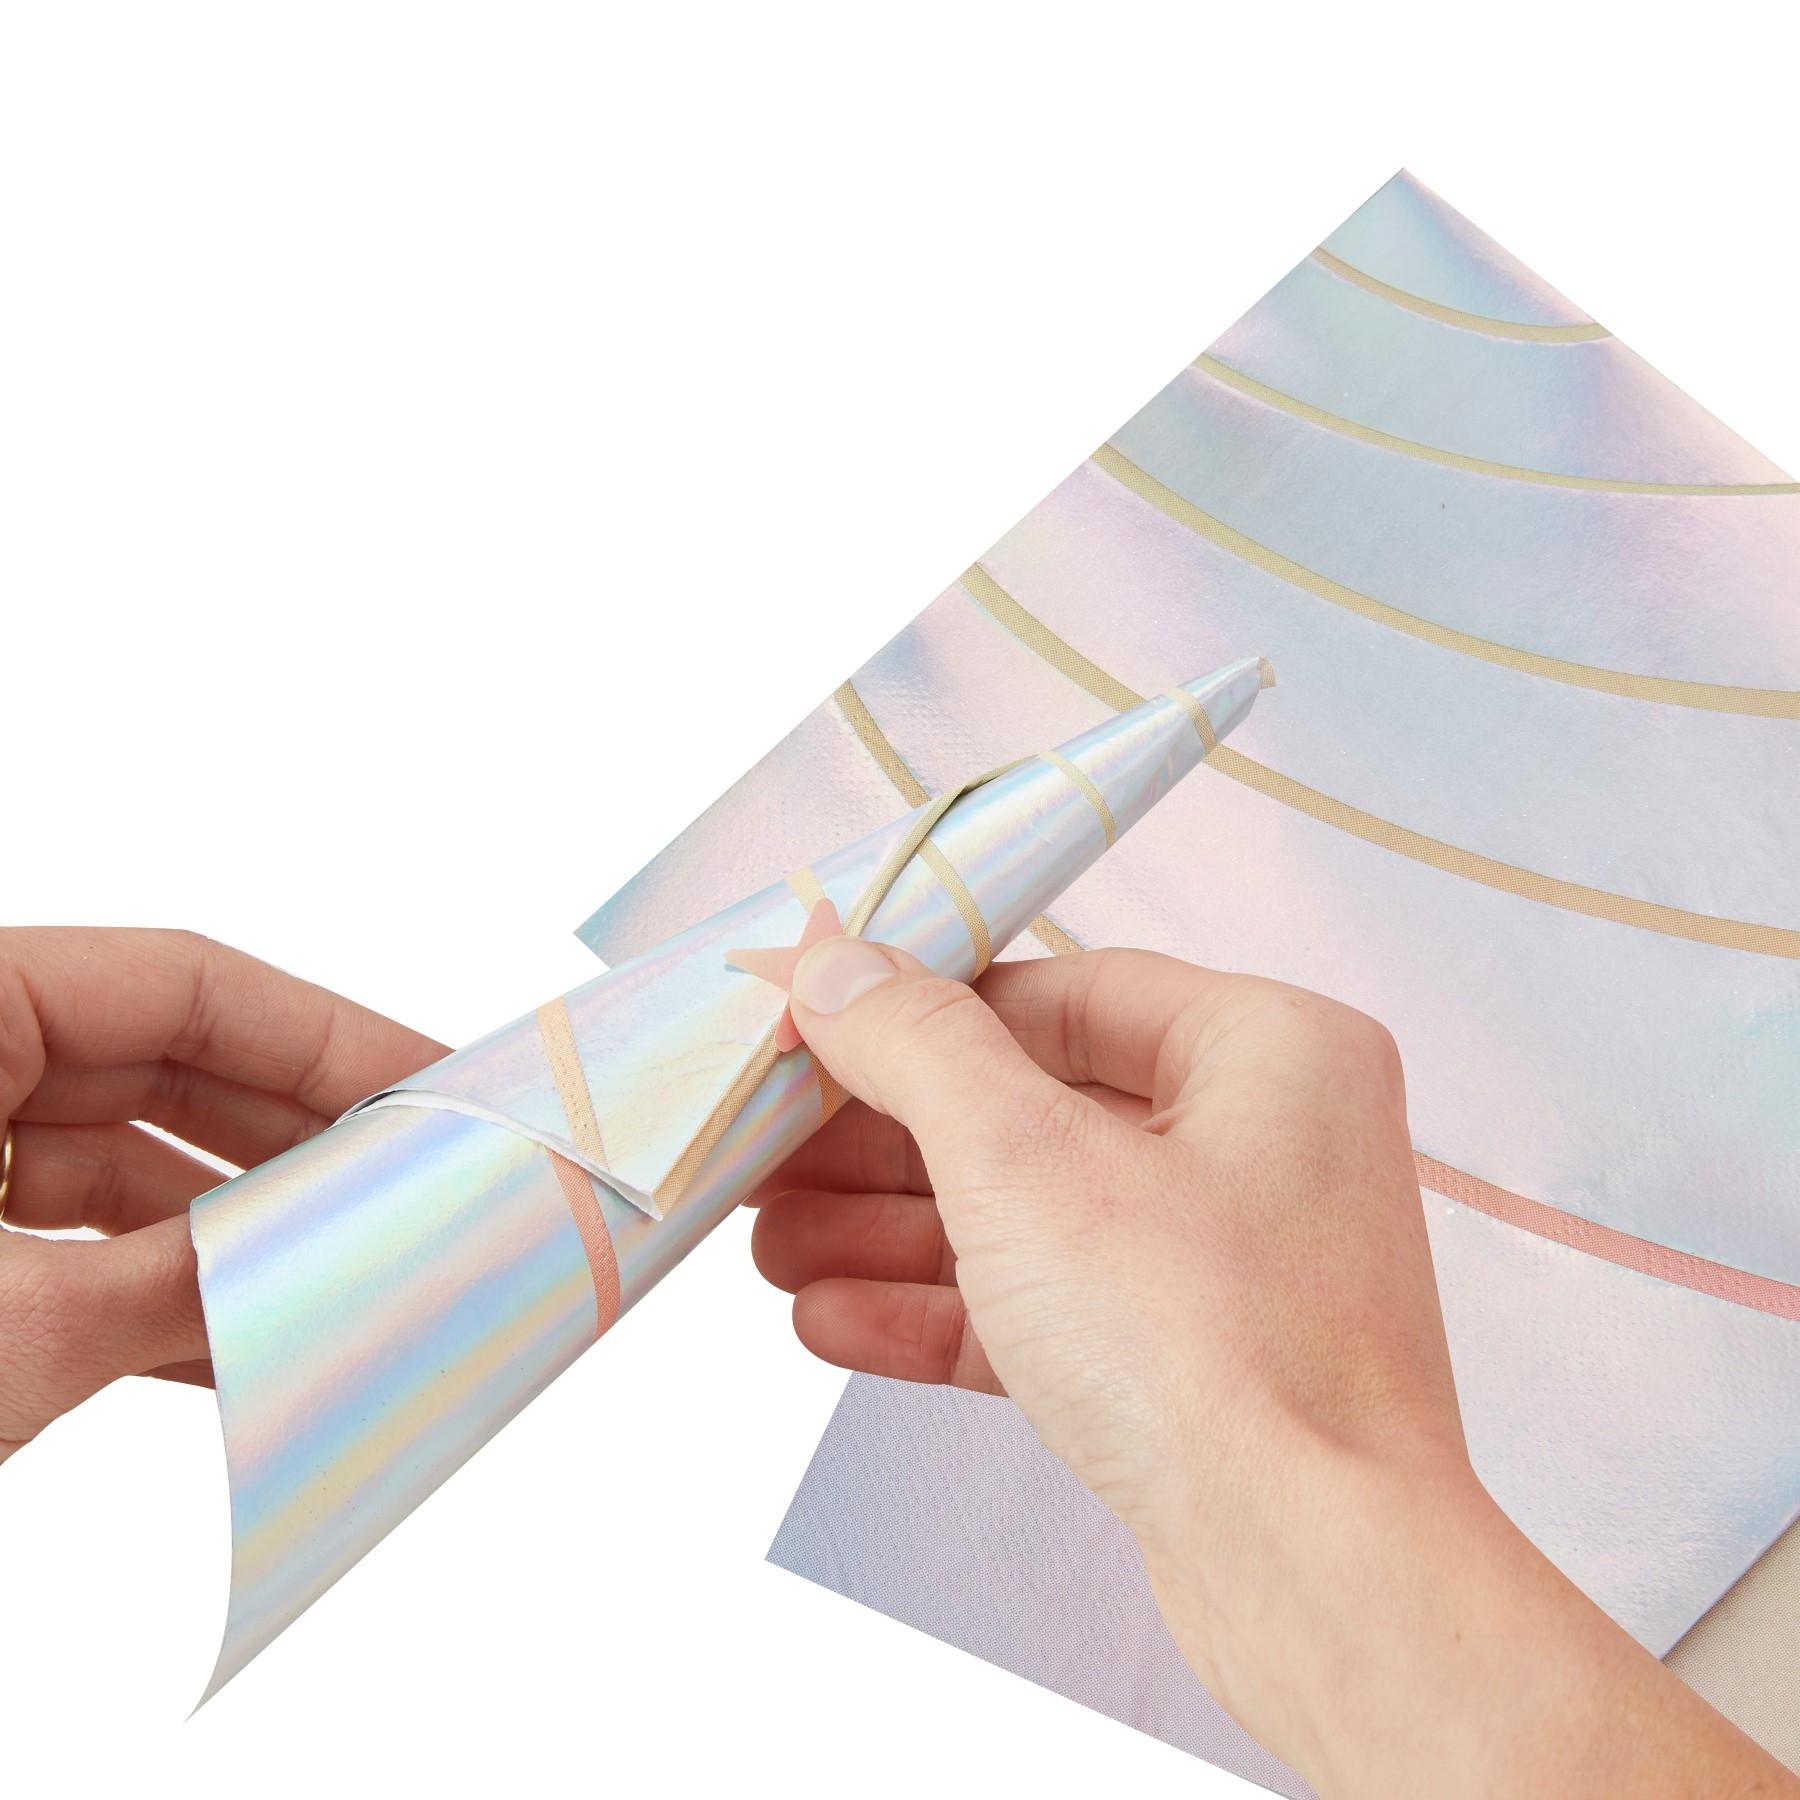 Make a wish einhorn 10 schimmernde einhorn servietten einhorn themen f r m dchen kinder - Einhorn geschenkverpackung ...